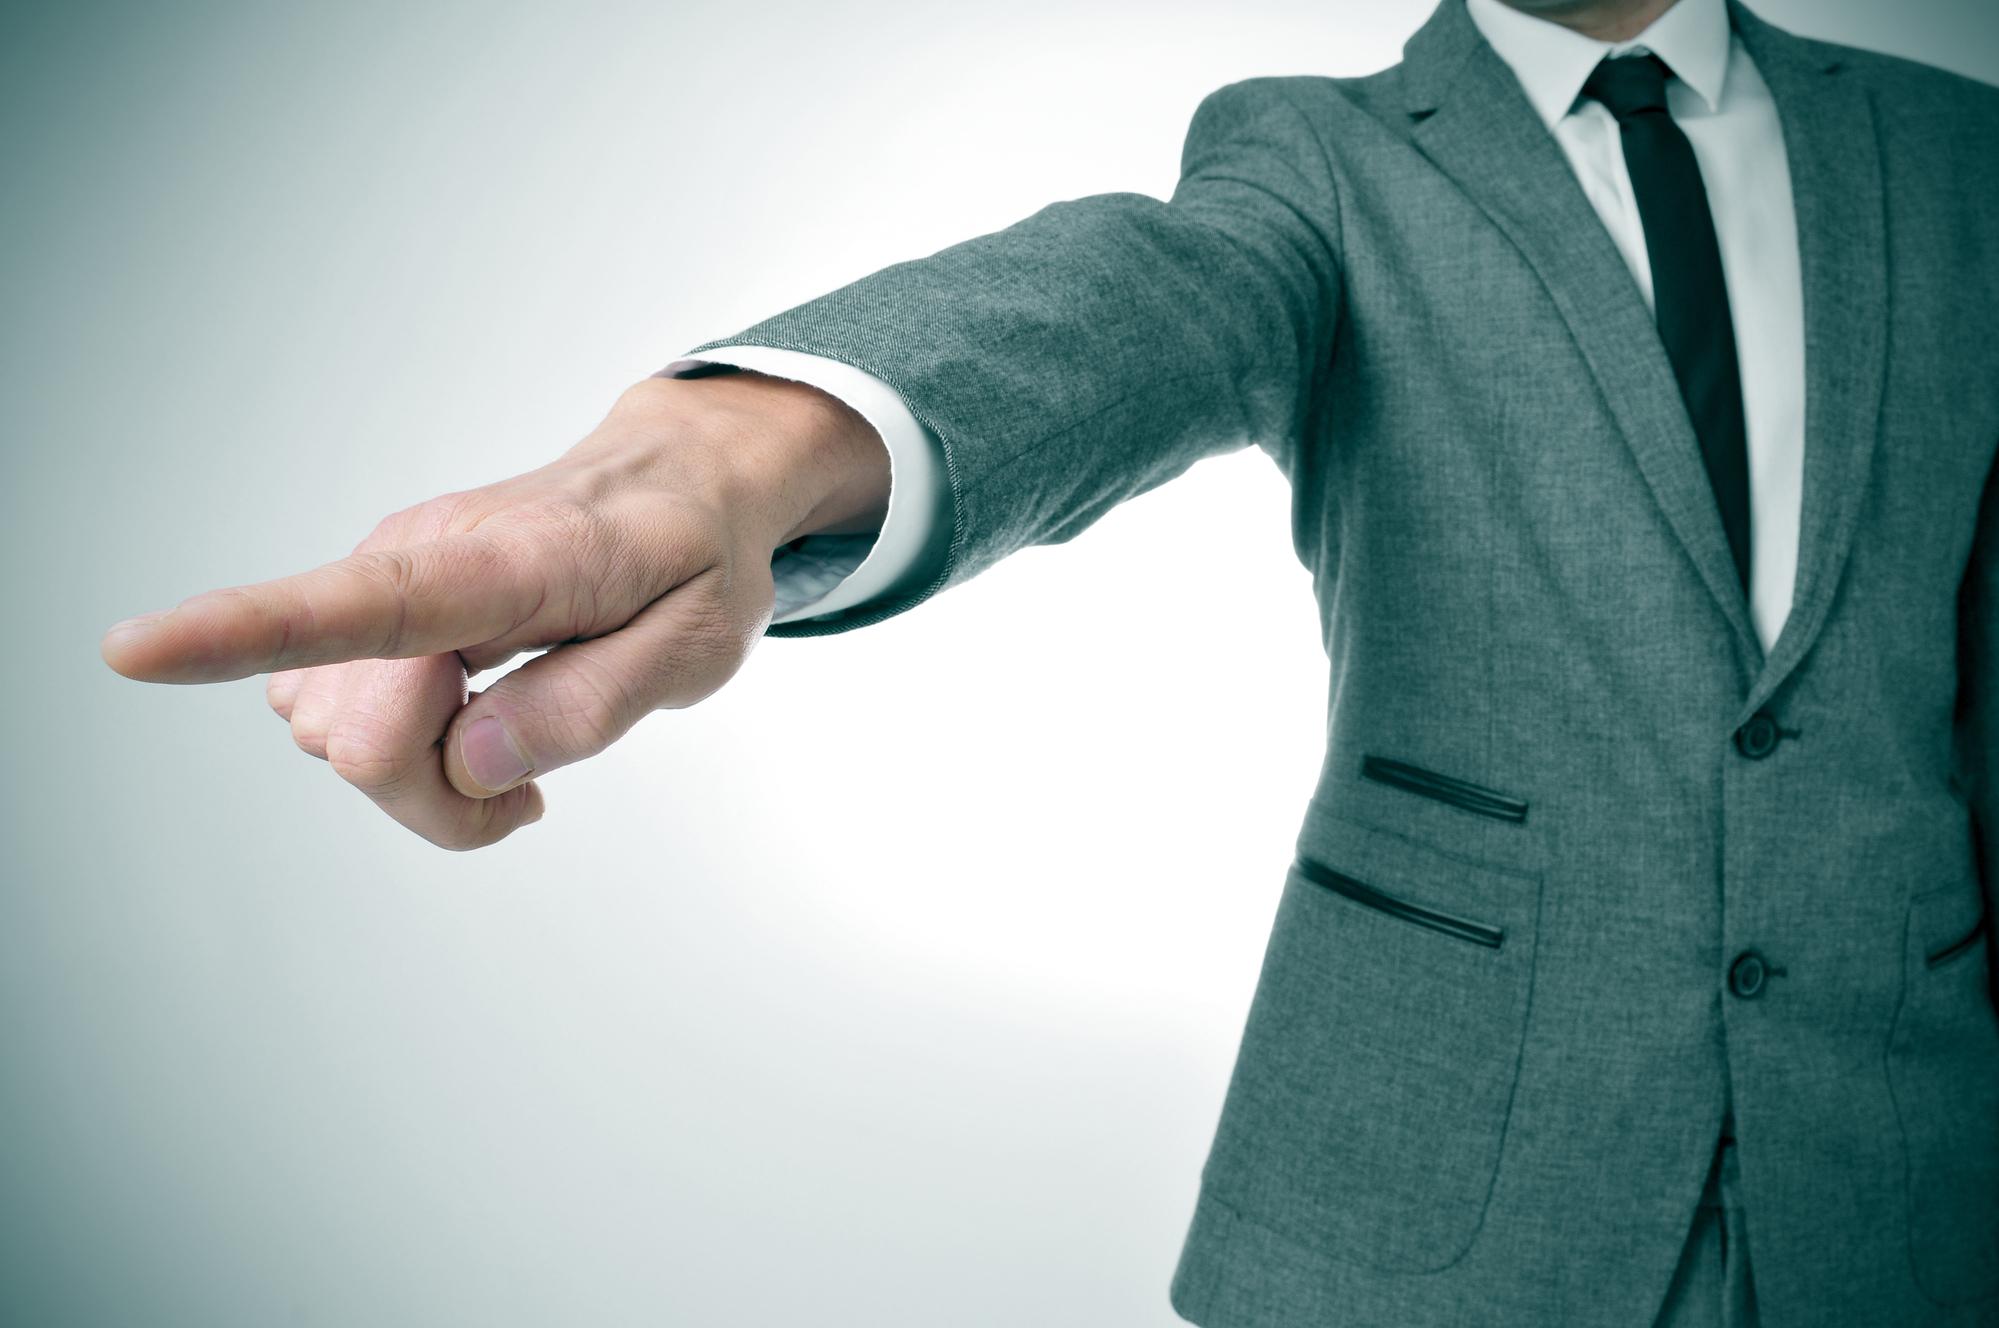 Despido colectivo o ERE: ¿Qué es y cómo se gestiona?